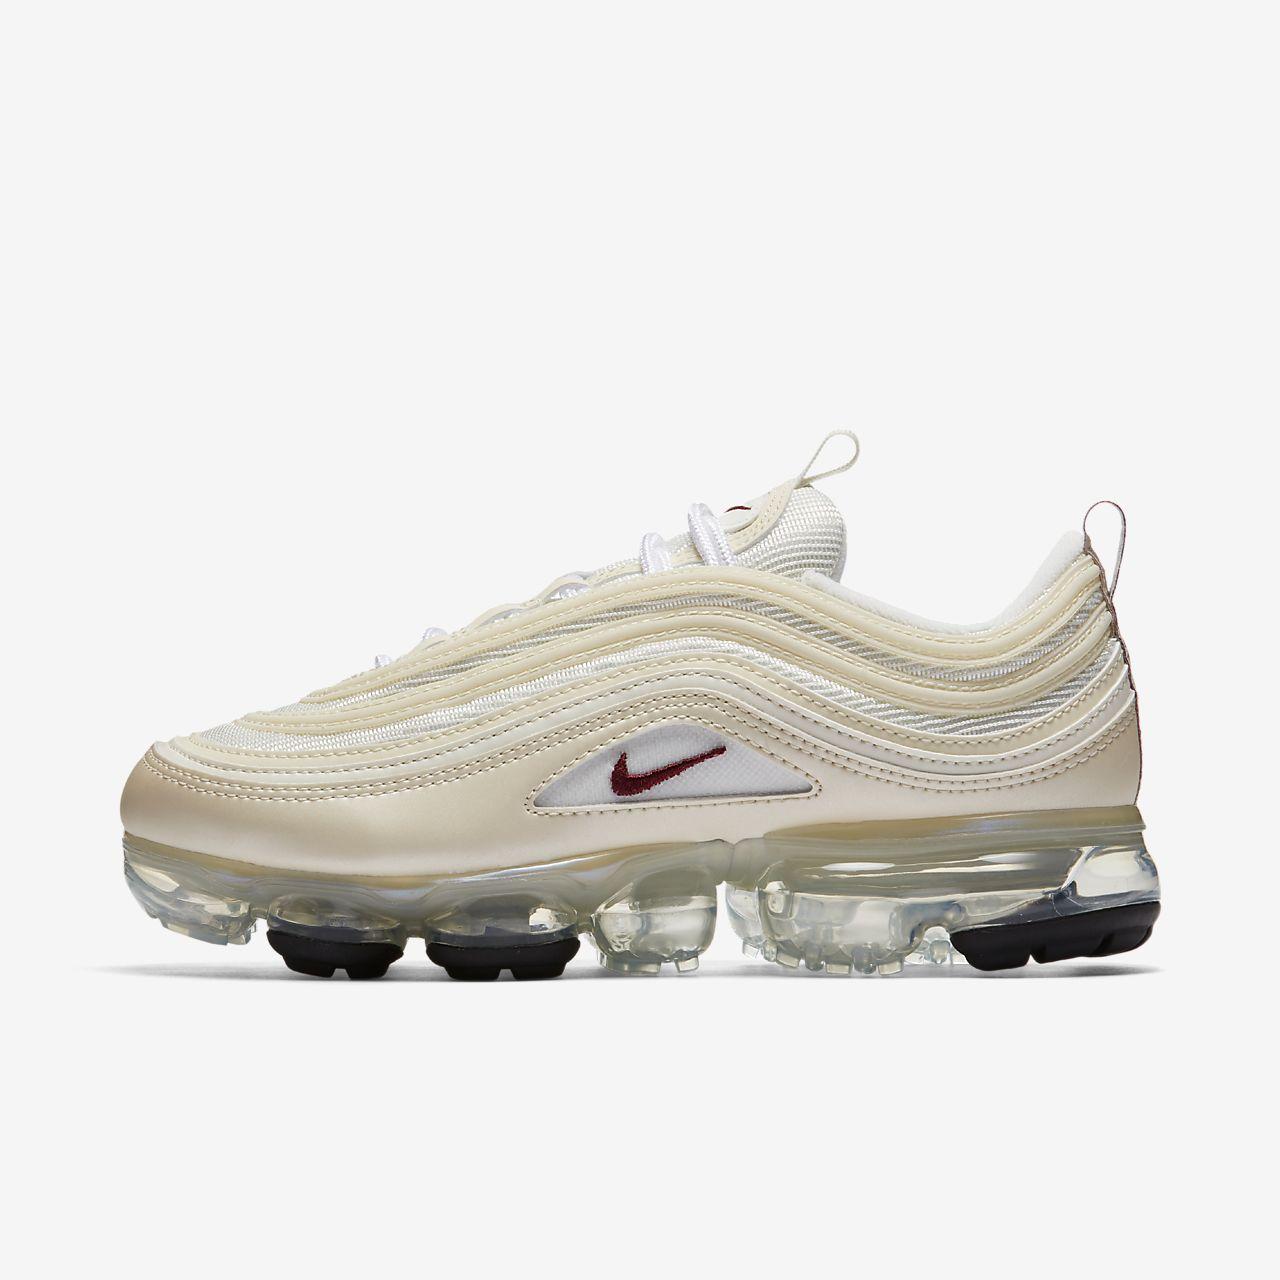 ... Nike Air VaporMax 97 Women's Shoe